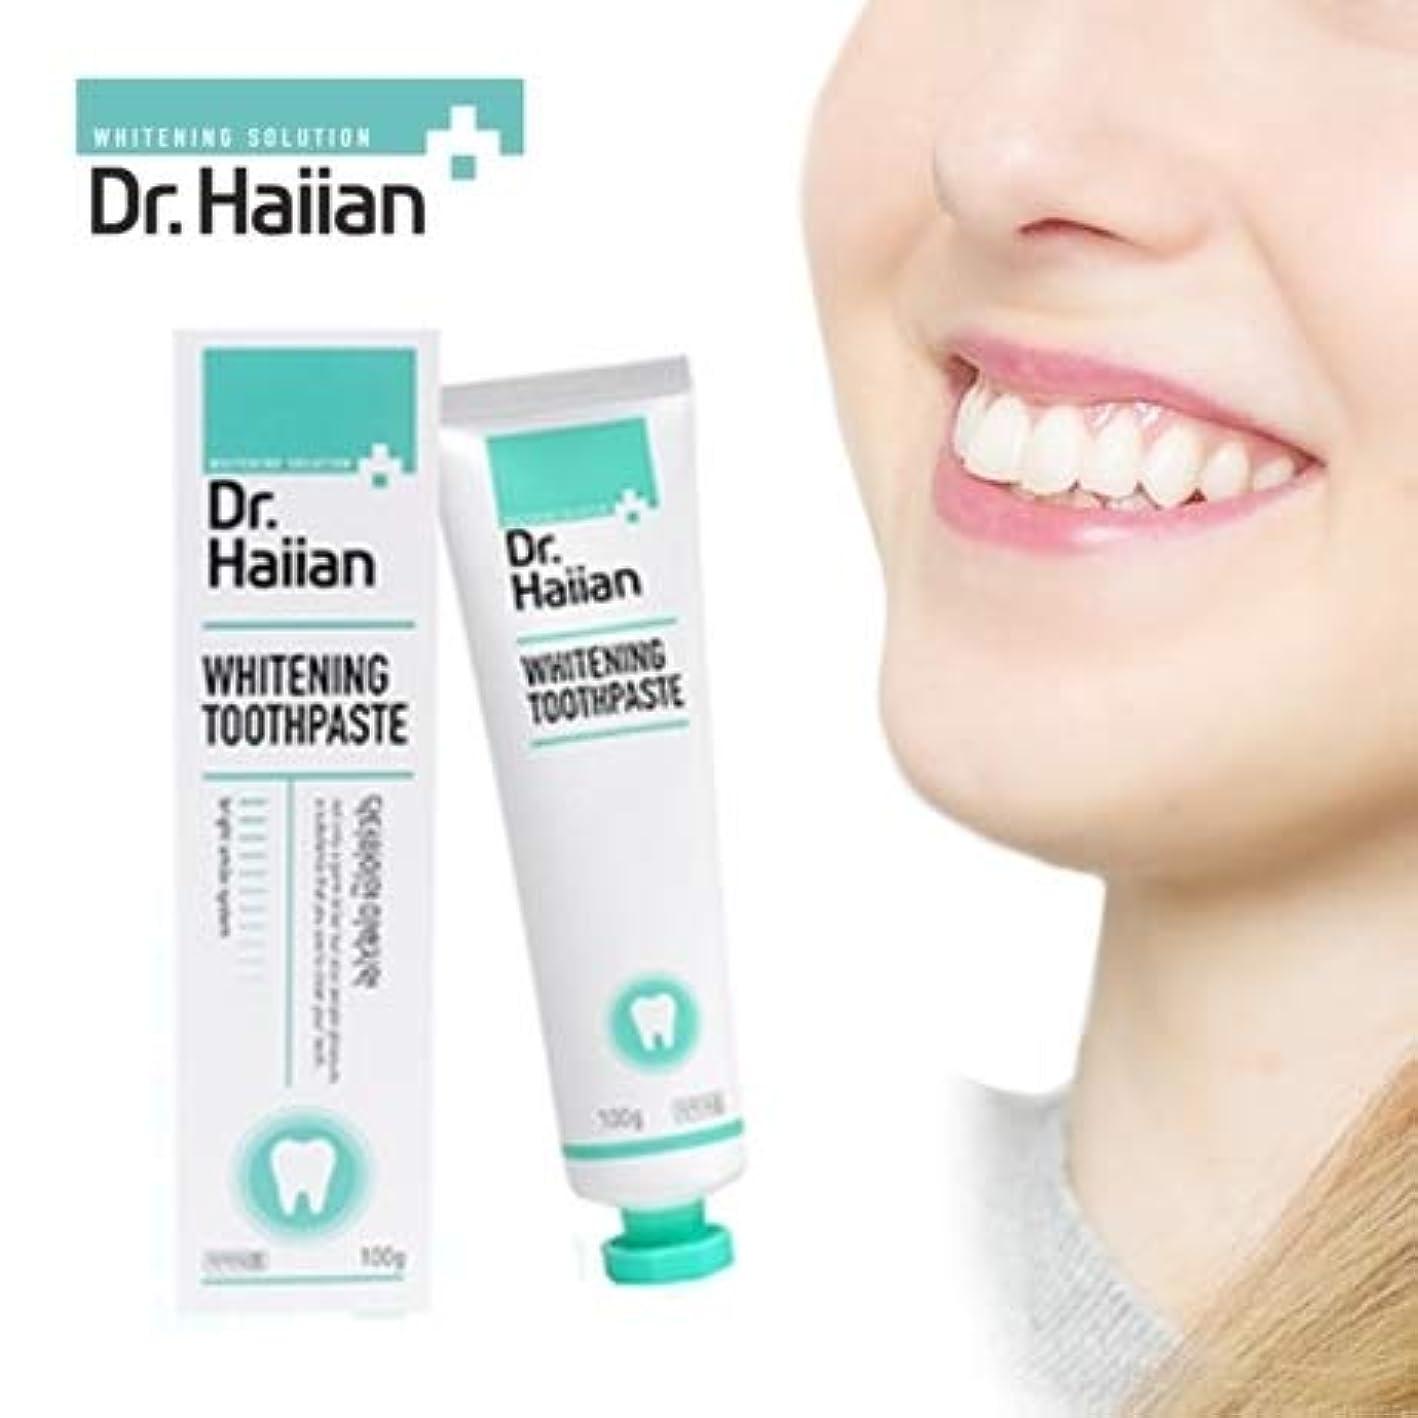 安心させるカビけがをするDr.Haiian WHITENING TOOTHPASTE ホワイトニング歯磨き粉 100g